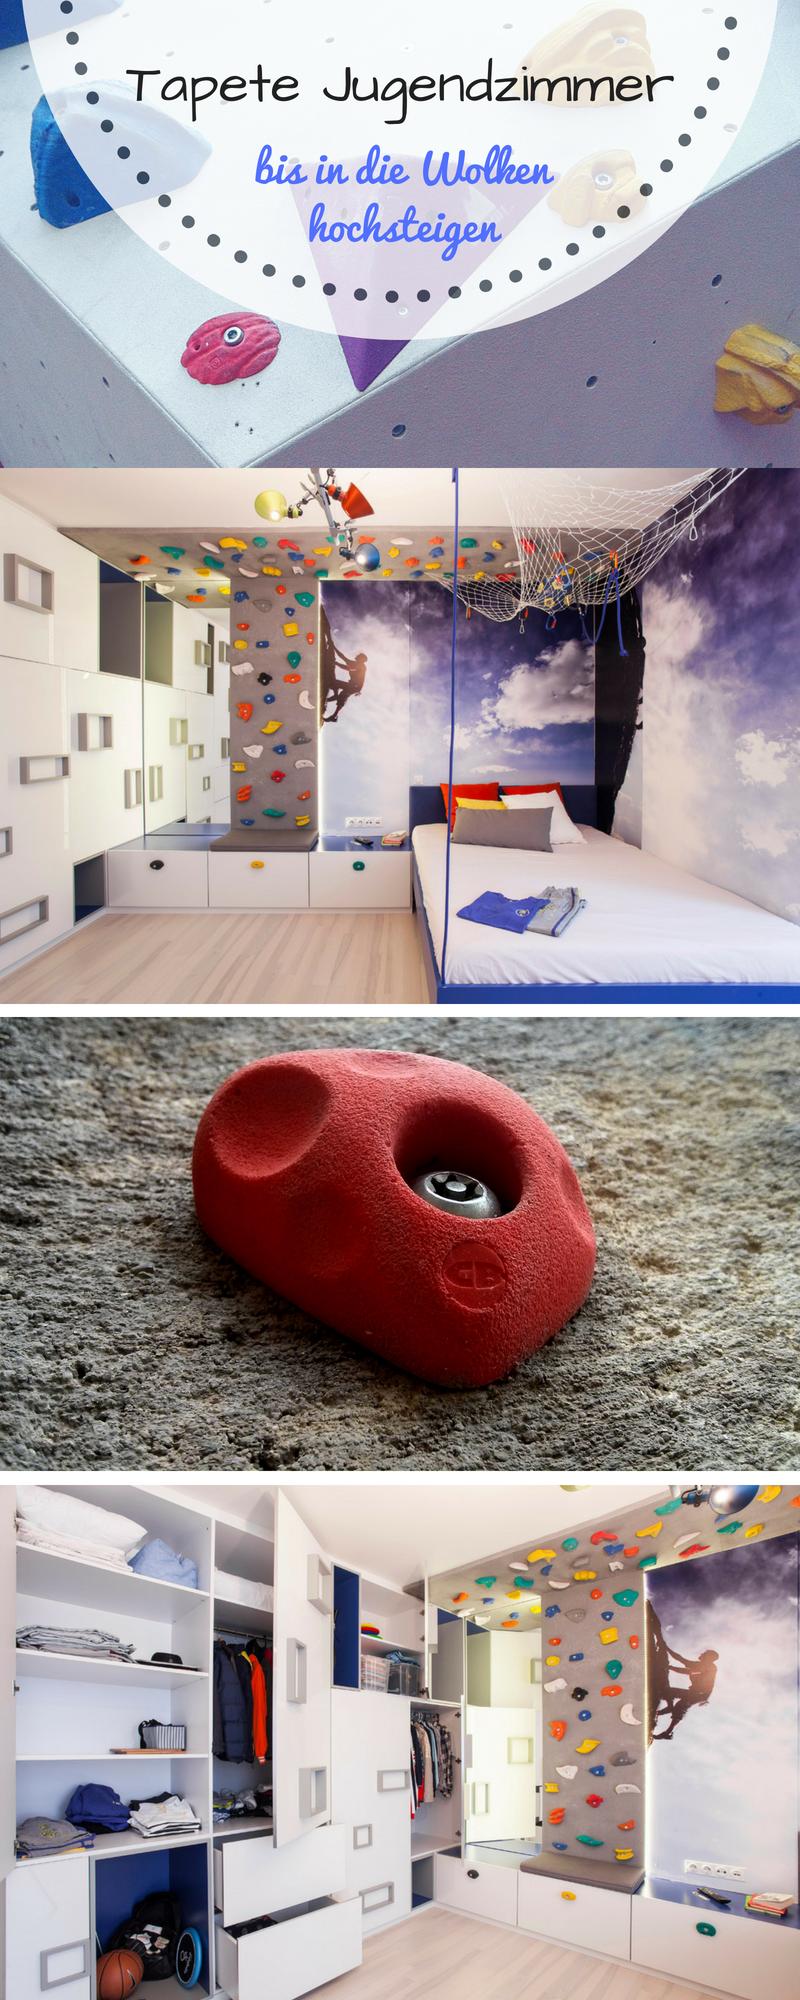 Sammeln Sie von unserer Galerie viele tolle Ideen für Tapete Jugendzimmer und verpassen Sie dem Jugendzimmer günstig einen neuen und modernen Anstrich!